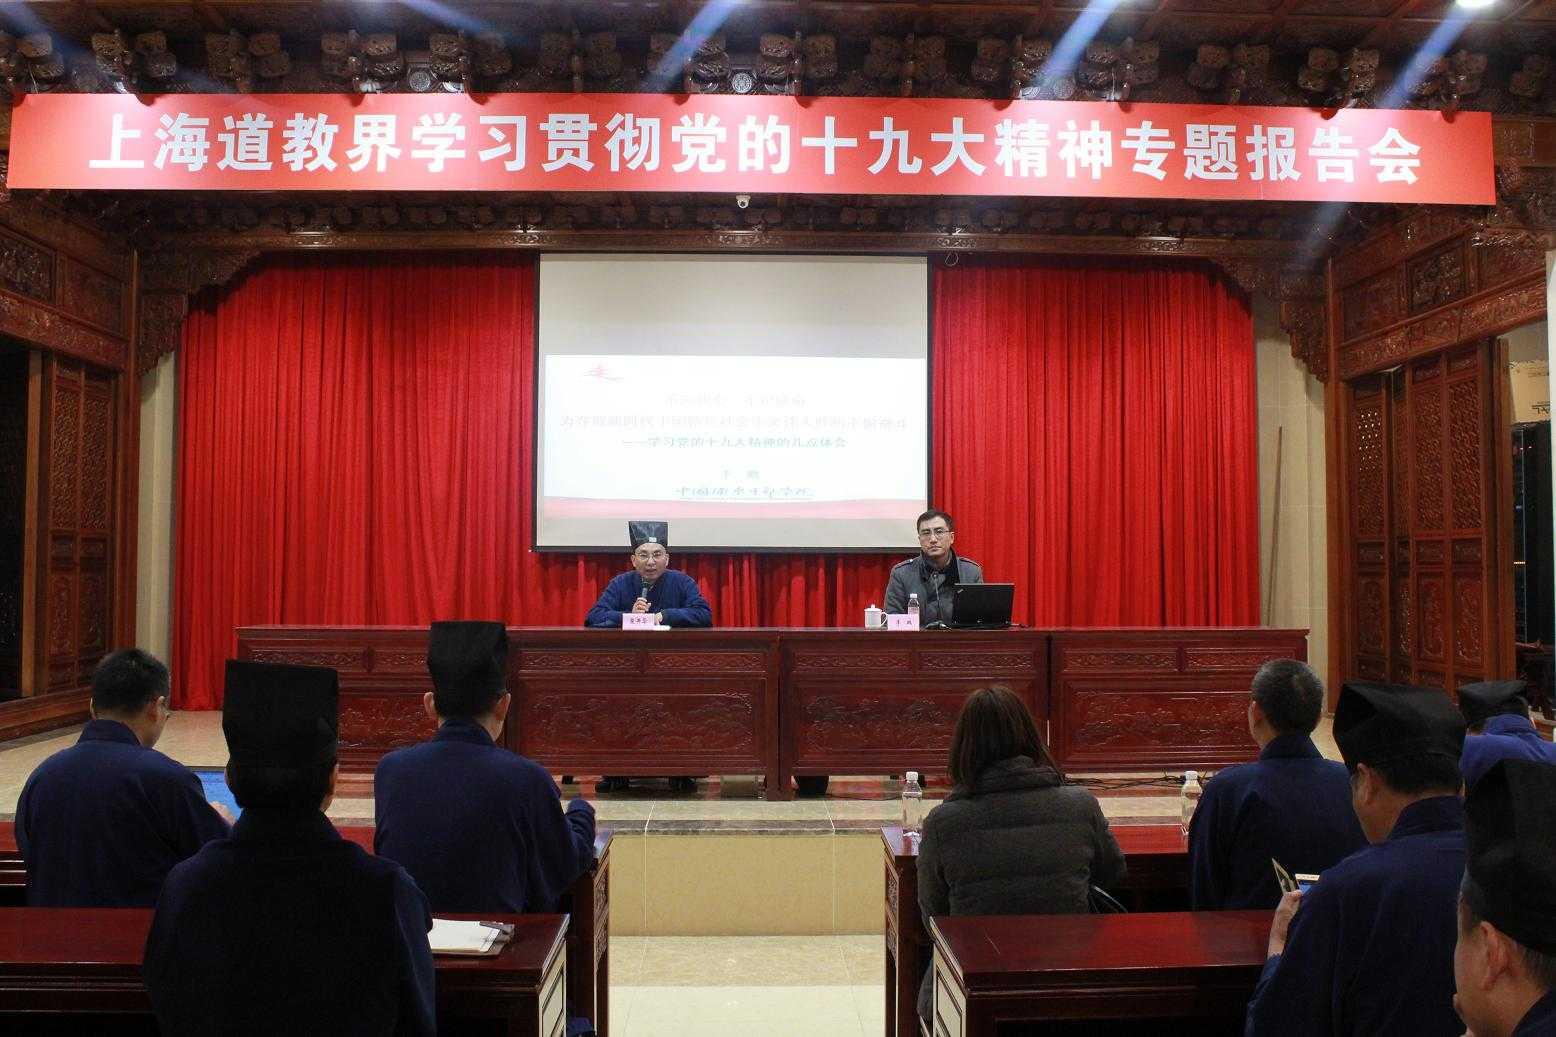 上海市道教界举行学习贯彻党的十九大精神专题报告会